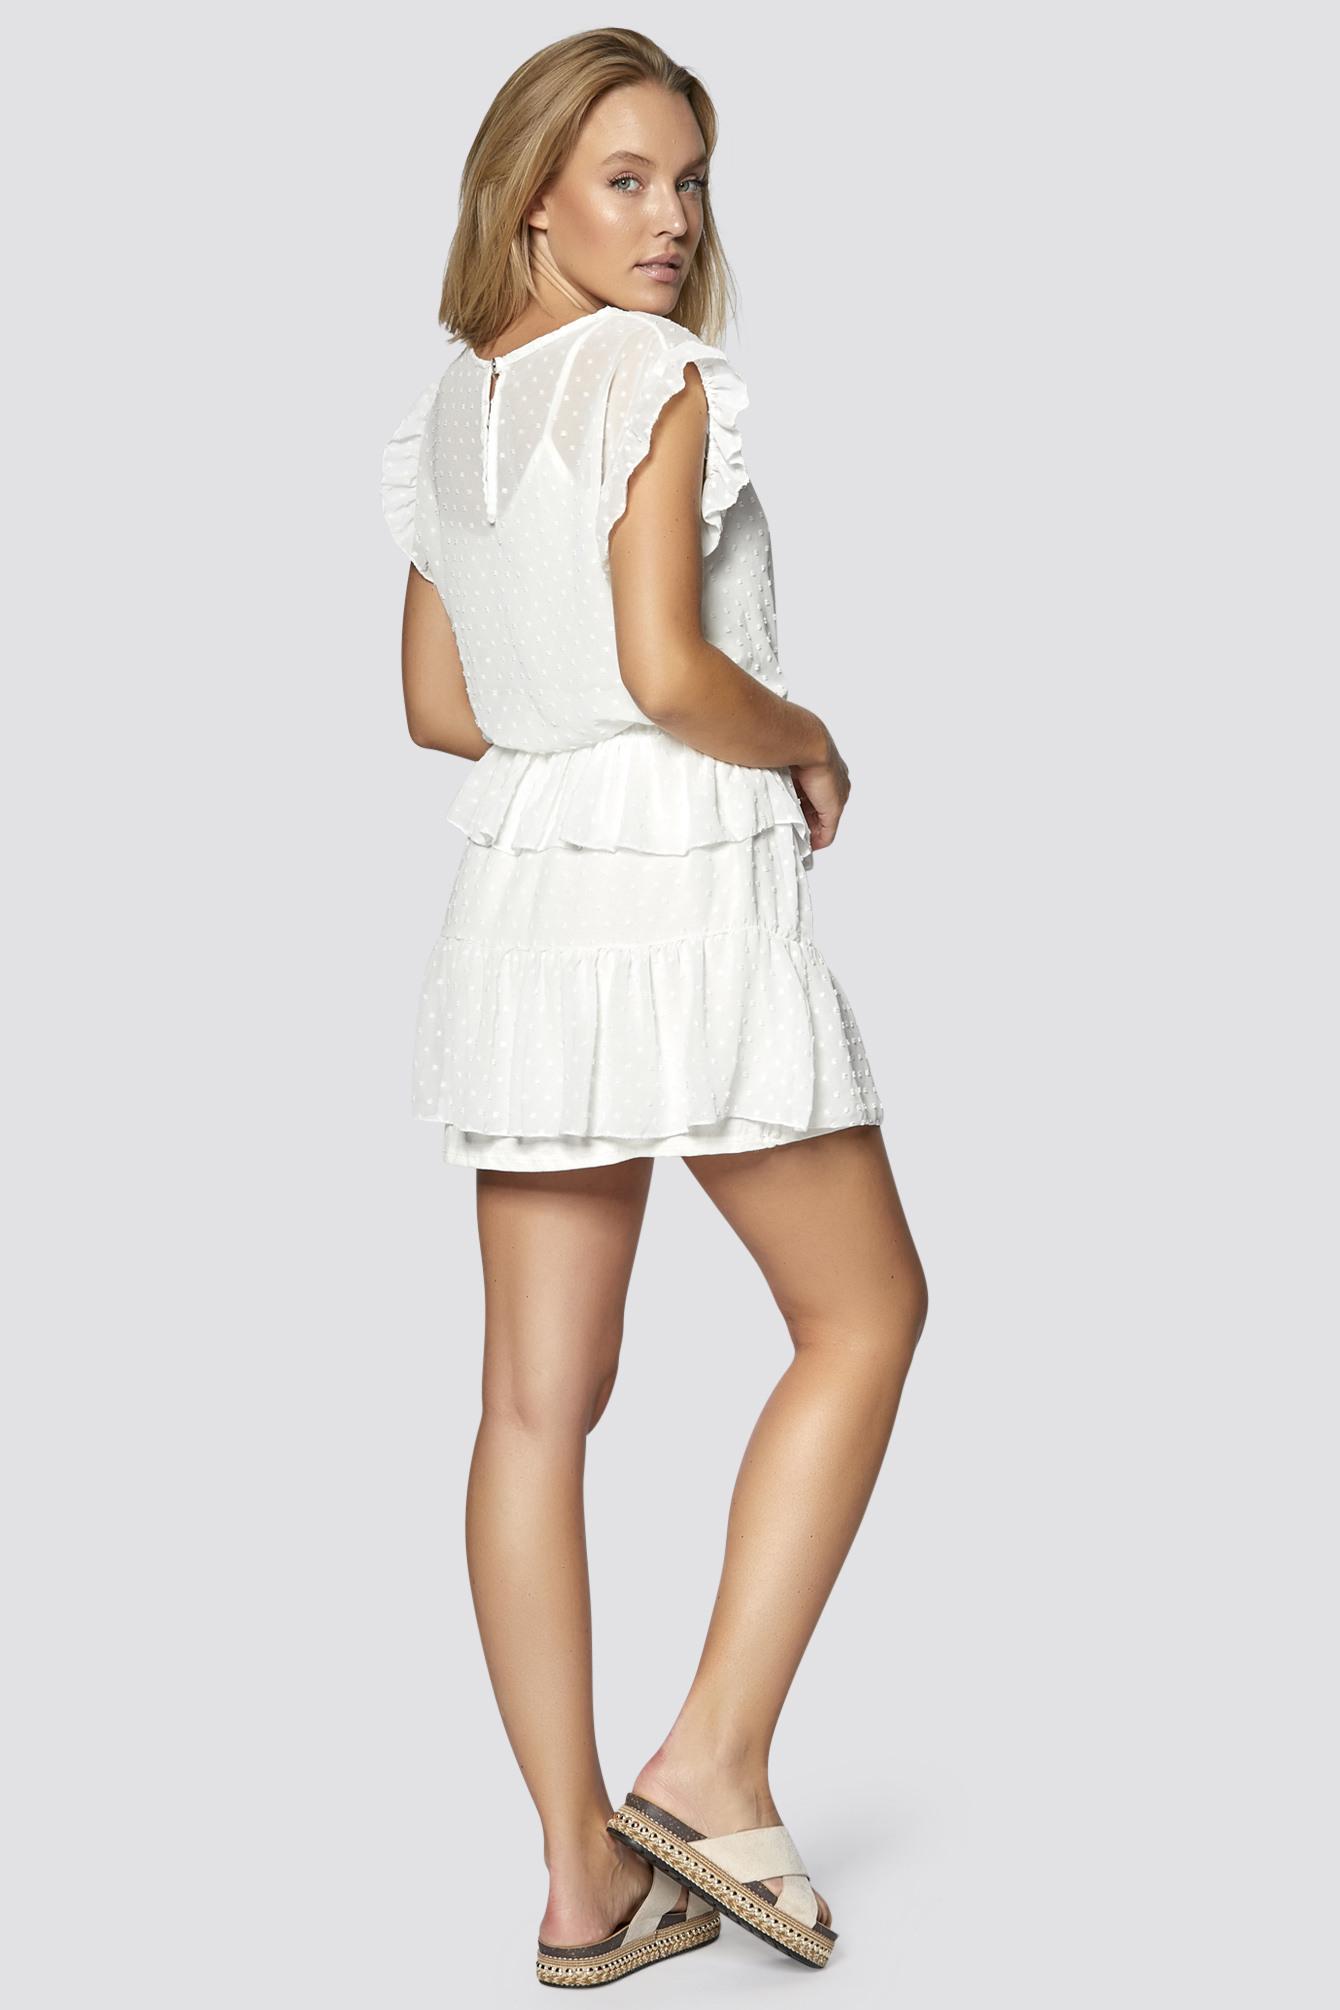 Ausgezeichnet Sommerkleid Weiß Vertrieb10 Erstaunlich Sommerkleid Weiß Bester Preis